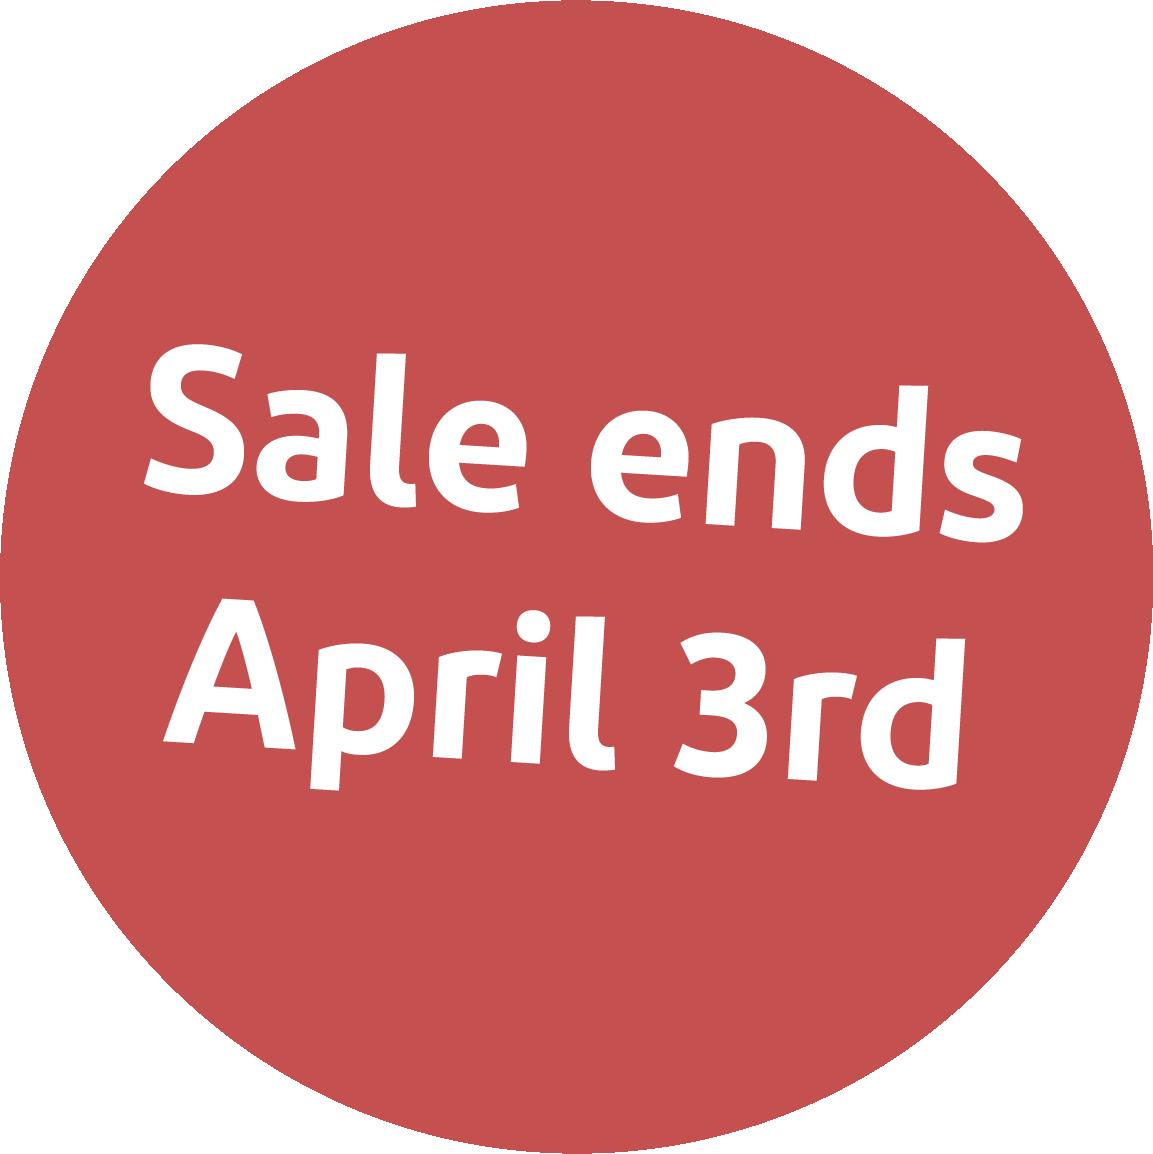 Sale ends April 3rd